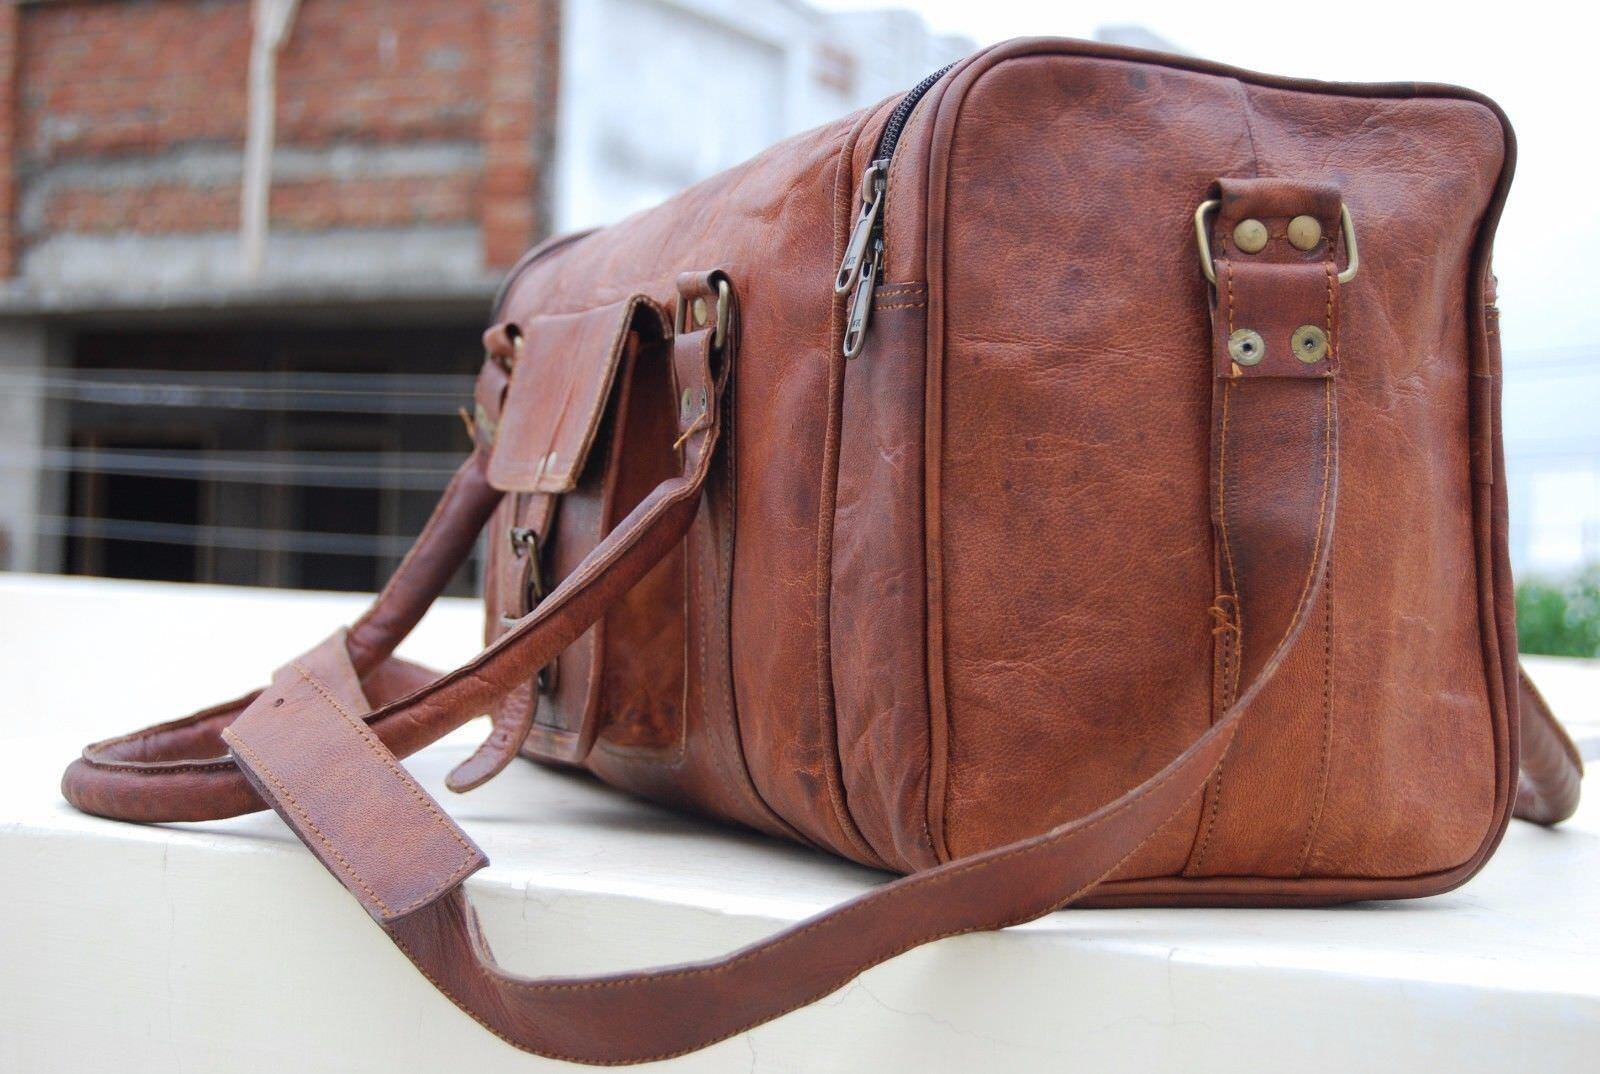 Herren Jahrgang Leder Reisetasche Duffle Sporttasche Wochenendreise tasche Neu1 | | | Ruf zuerst  cc298a